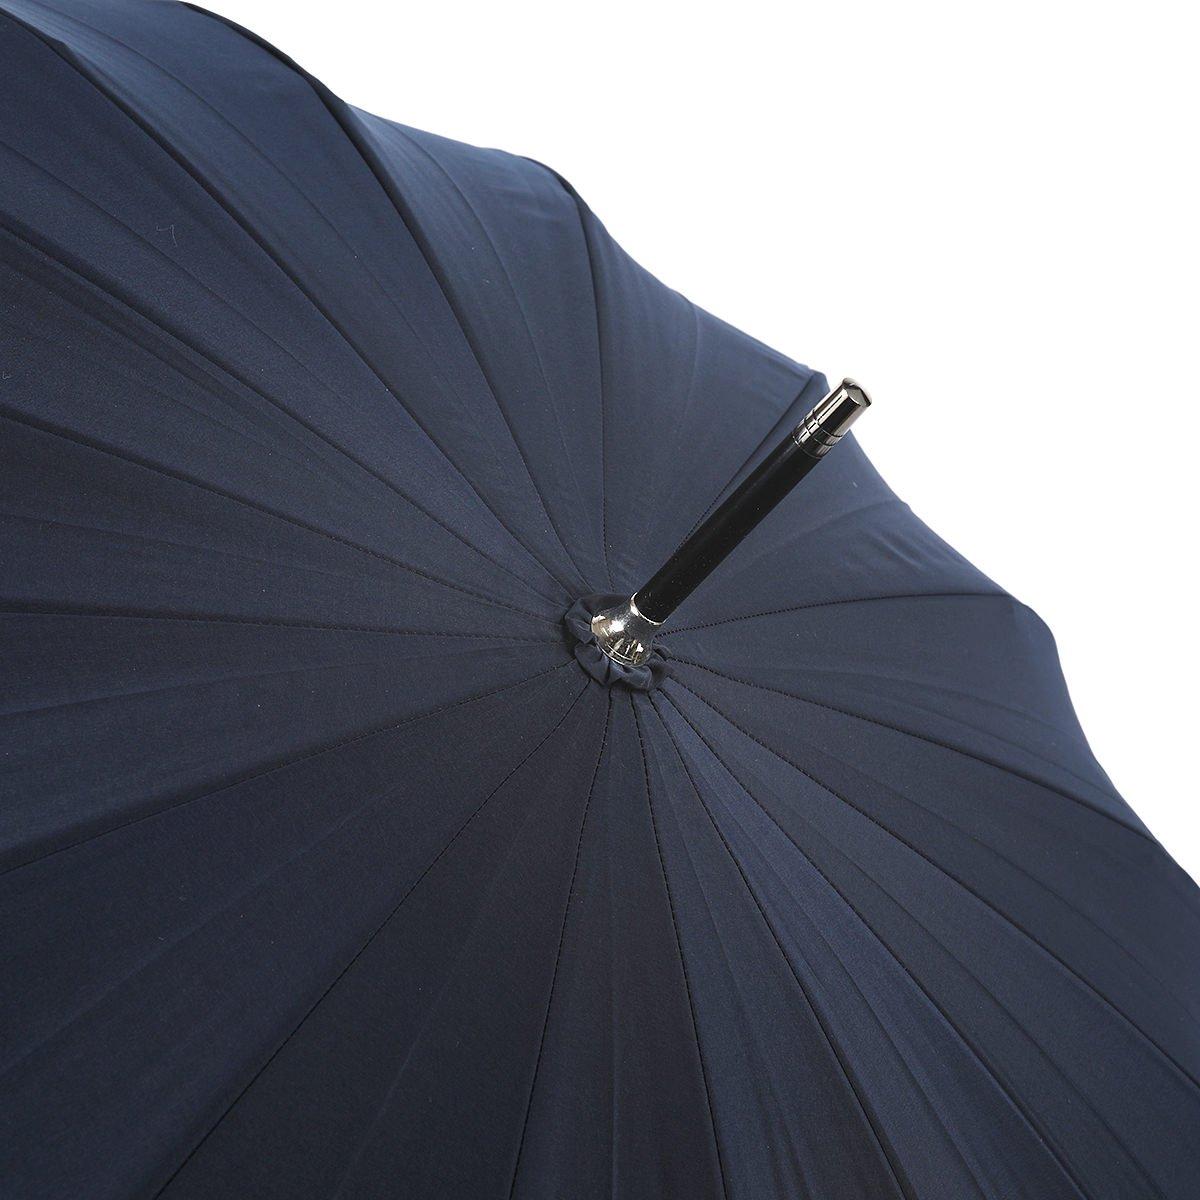 【公式限定】強力撥水 レインドロップ レクタス 16本骨 長傘 詳細画像8